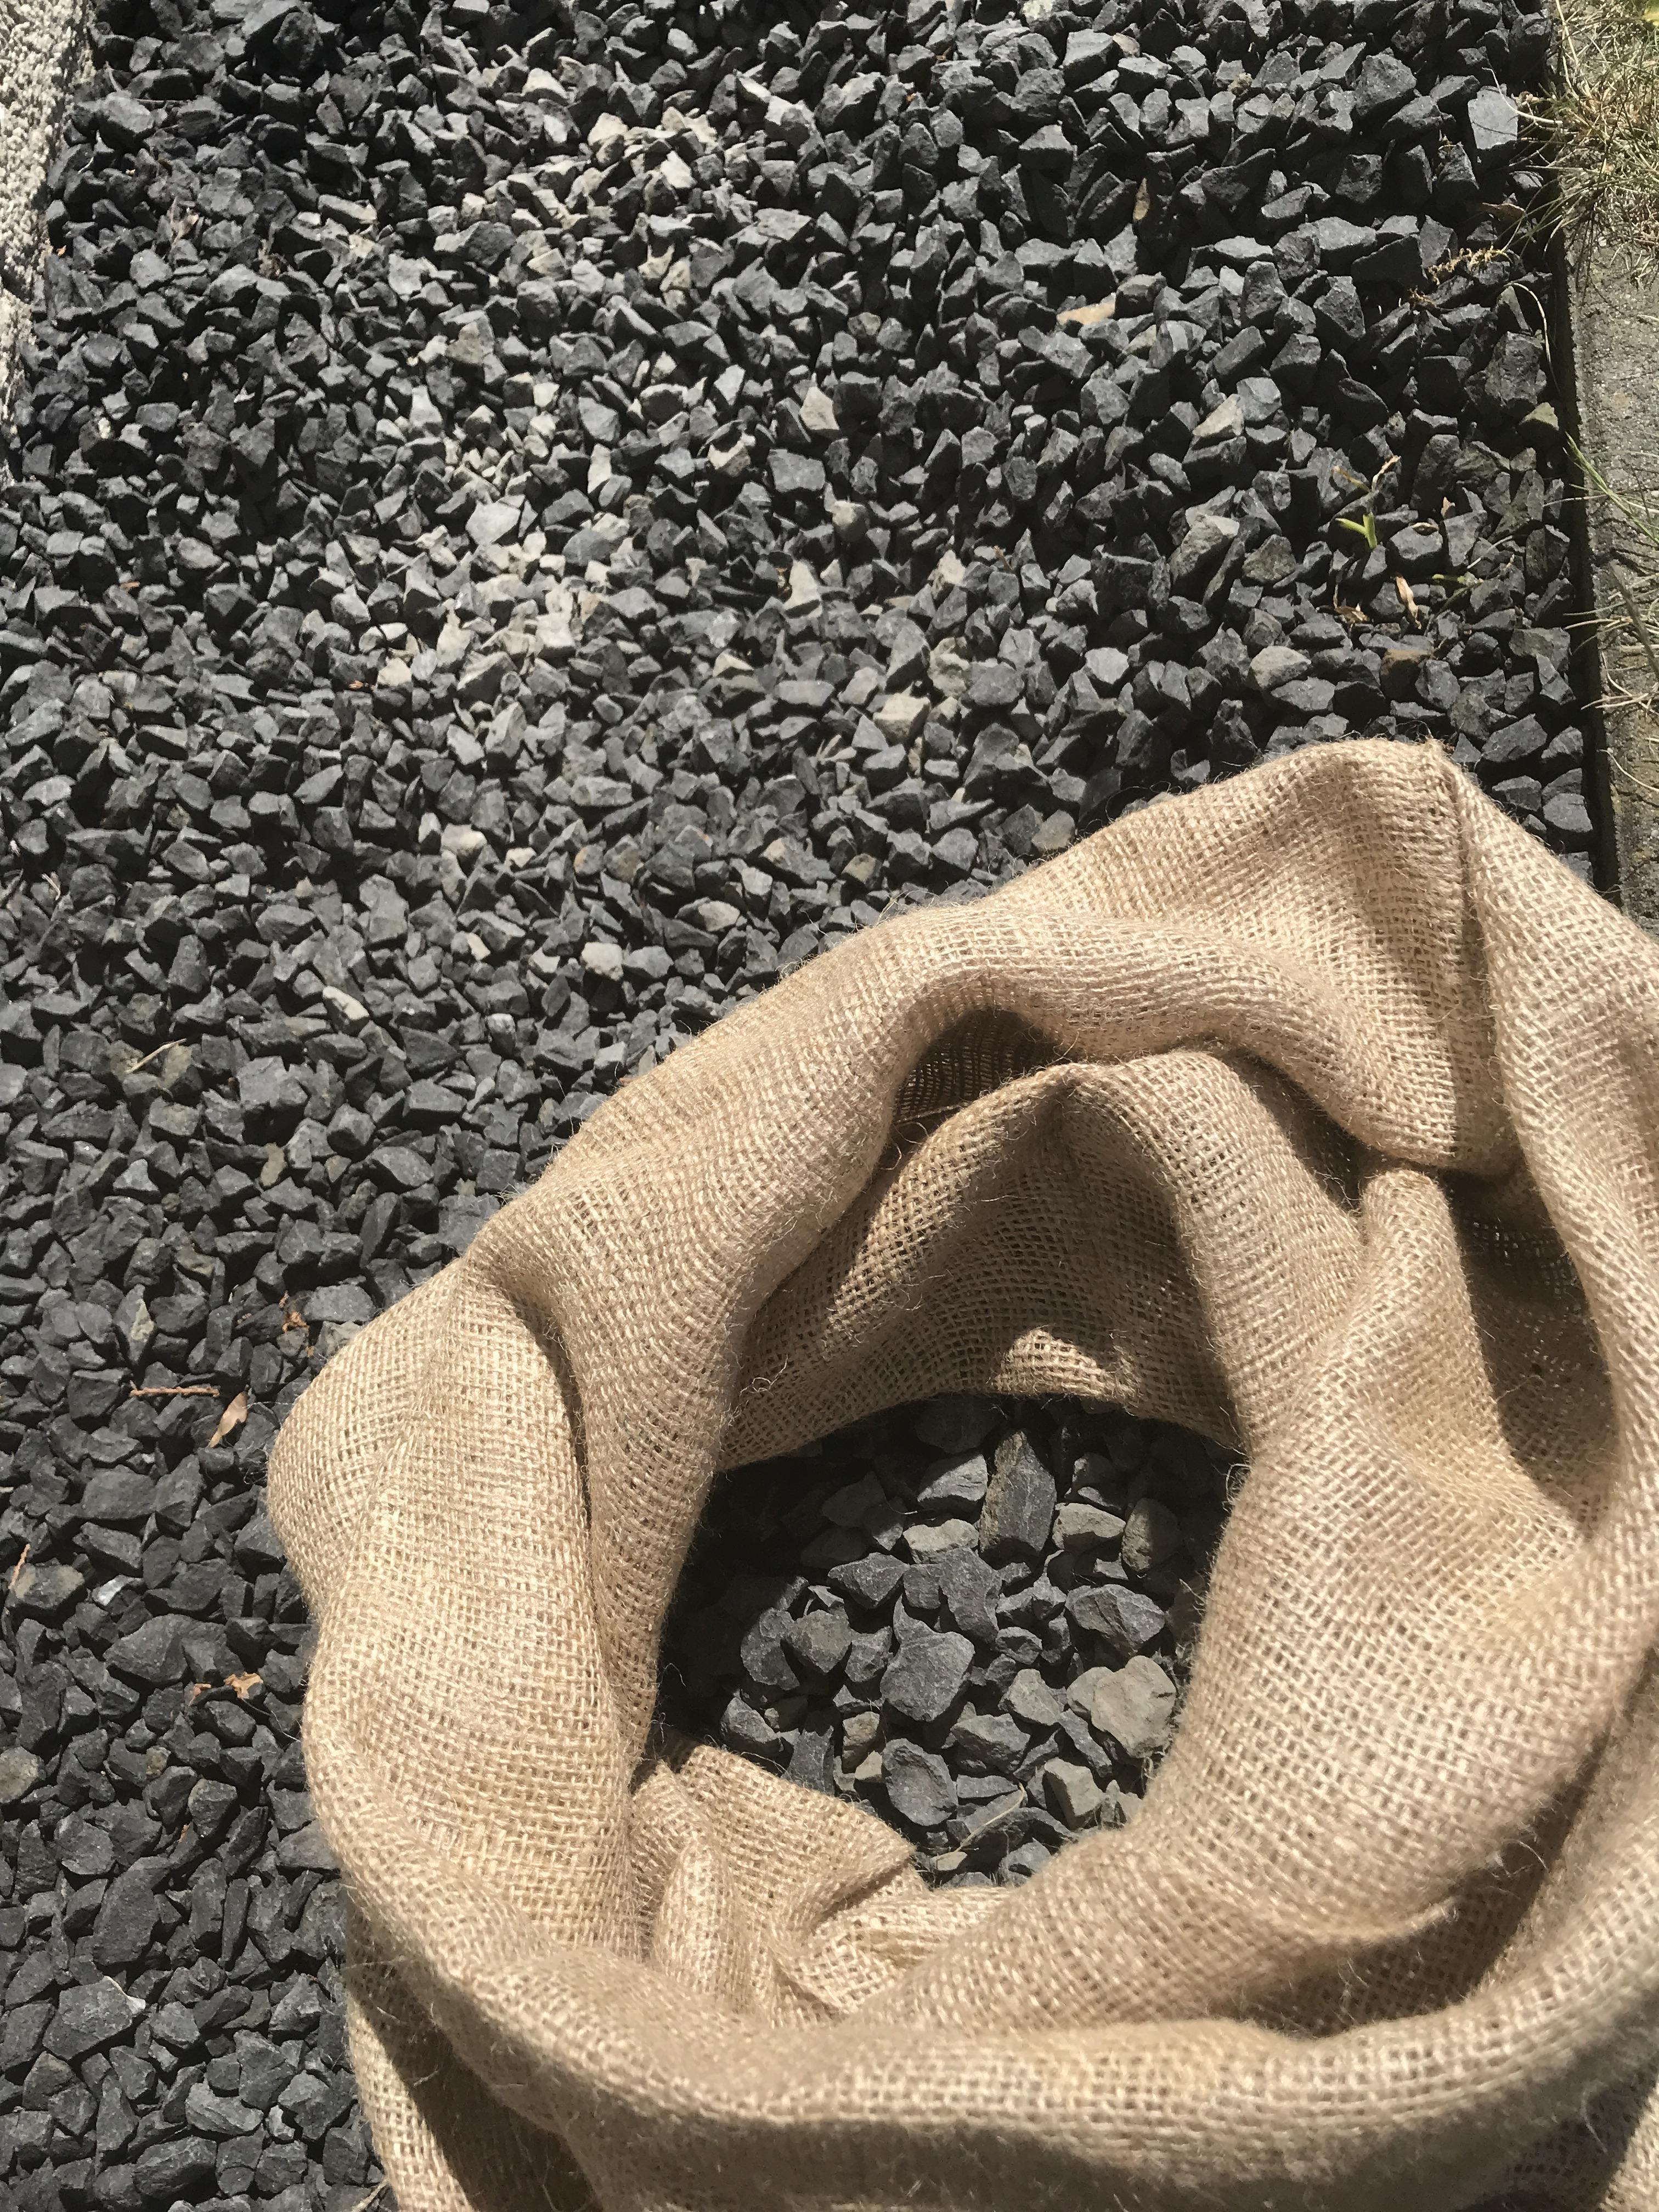 Jute zakken zonder sluitkoord 50 x 85 cm (per stuk) gebruik: Jute zakken zonder sluitkoord 50 x 85 cm (per stuk)